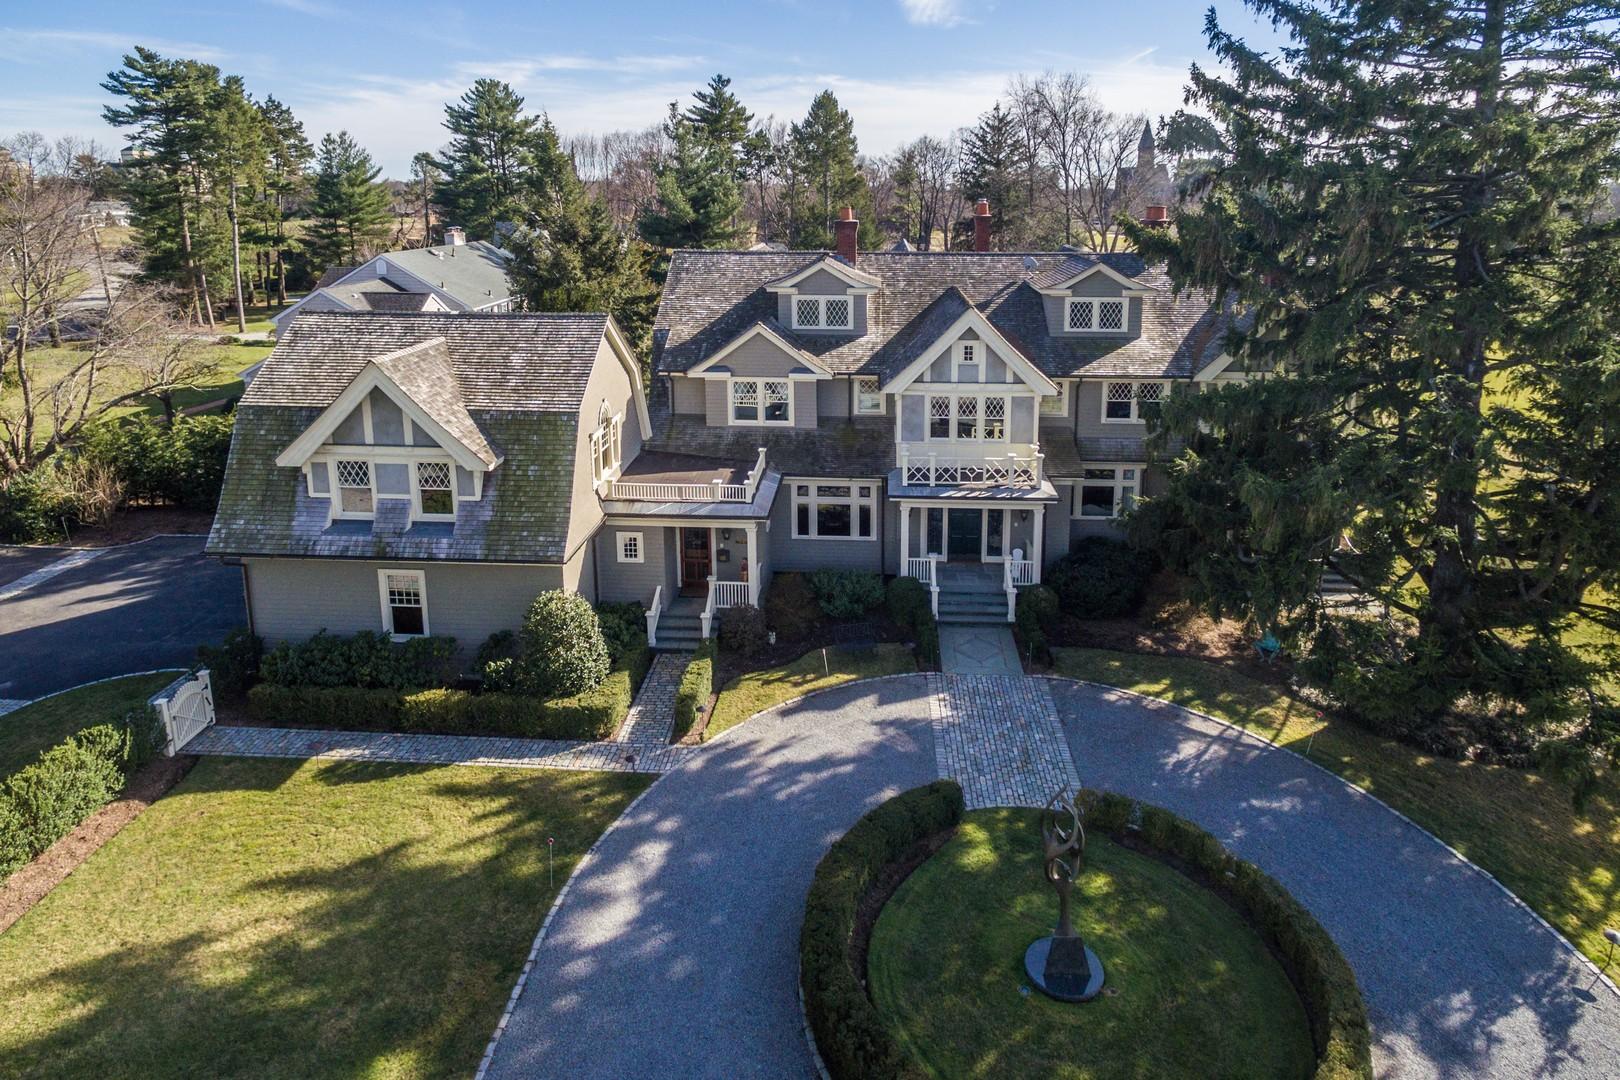 Villa per Vendita alle ore Colonial 8 Carteret Pl Garden City, New York, 11530 Stati Uniti